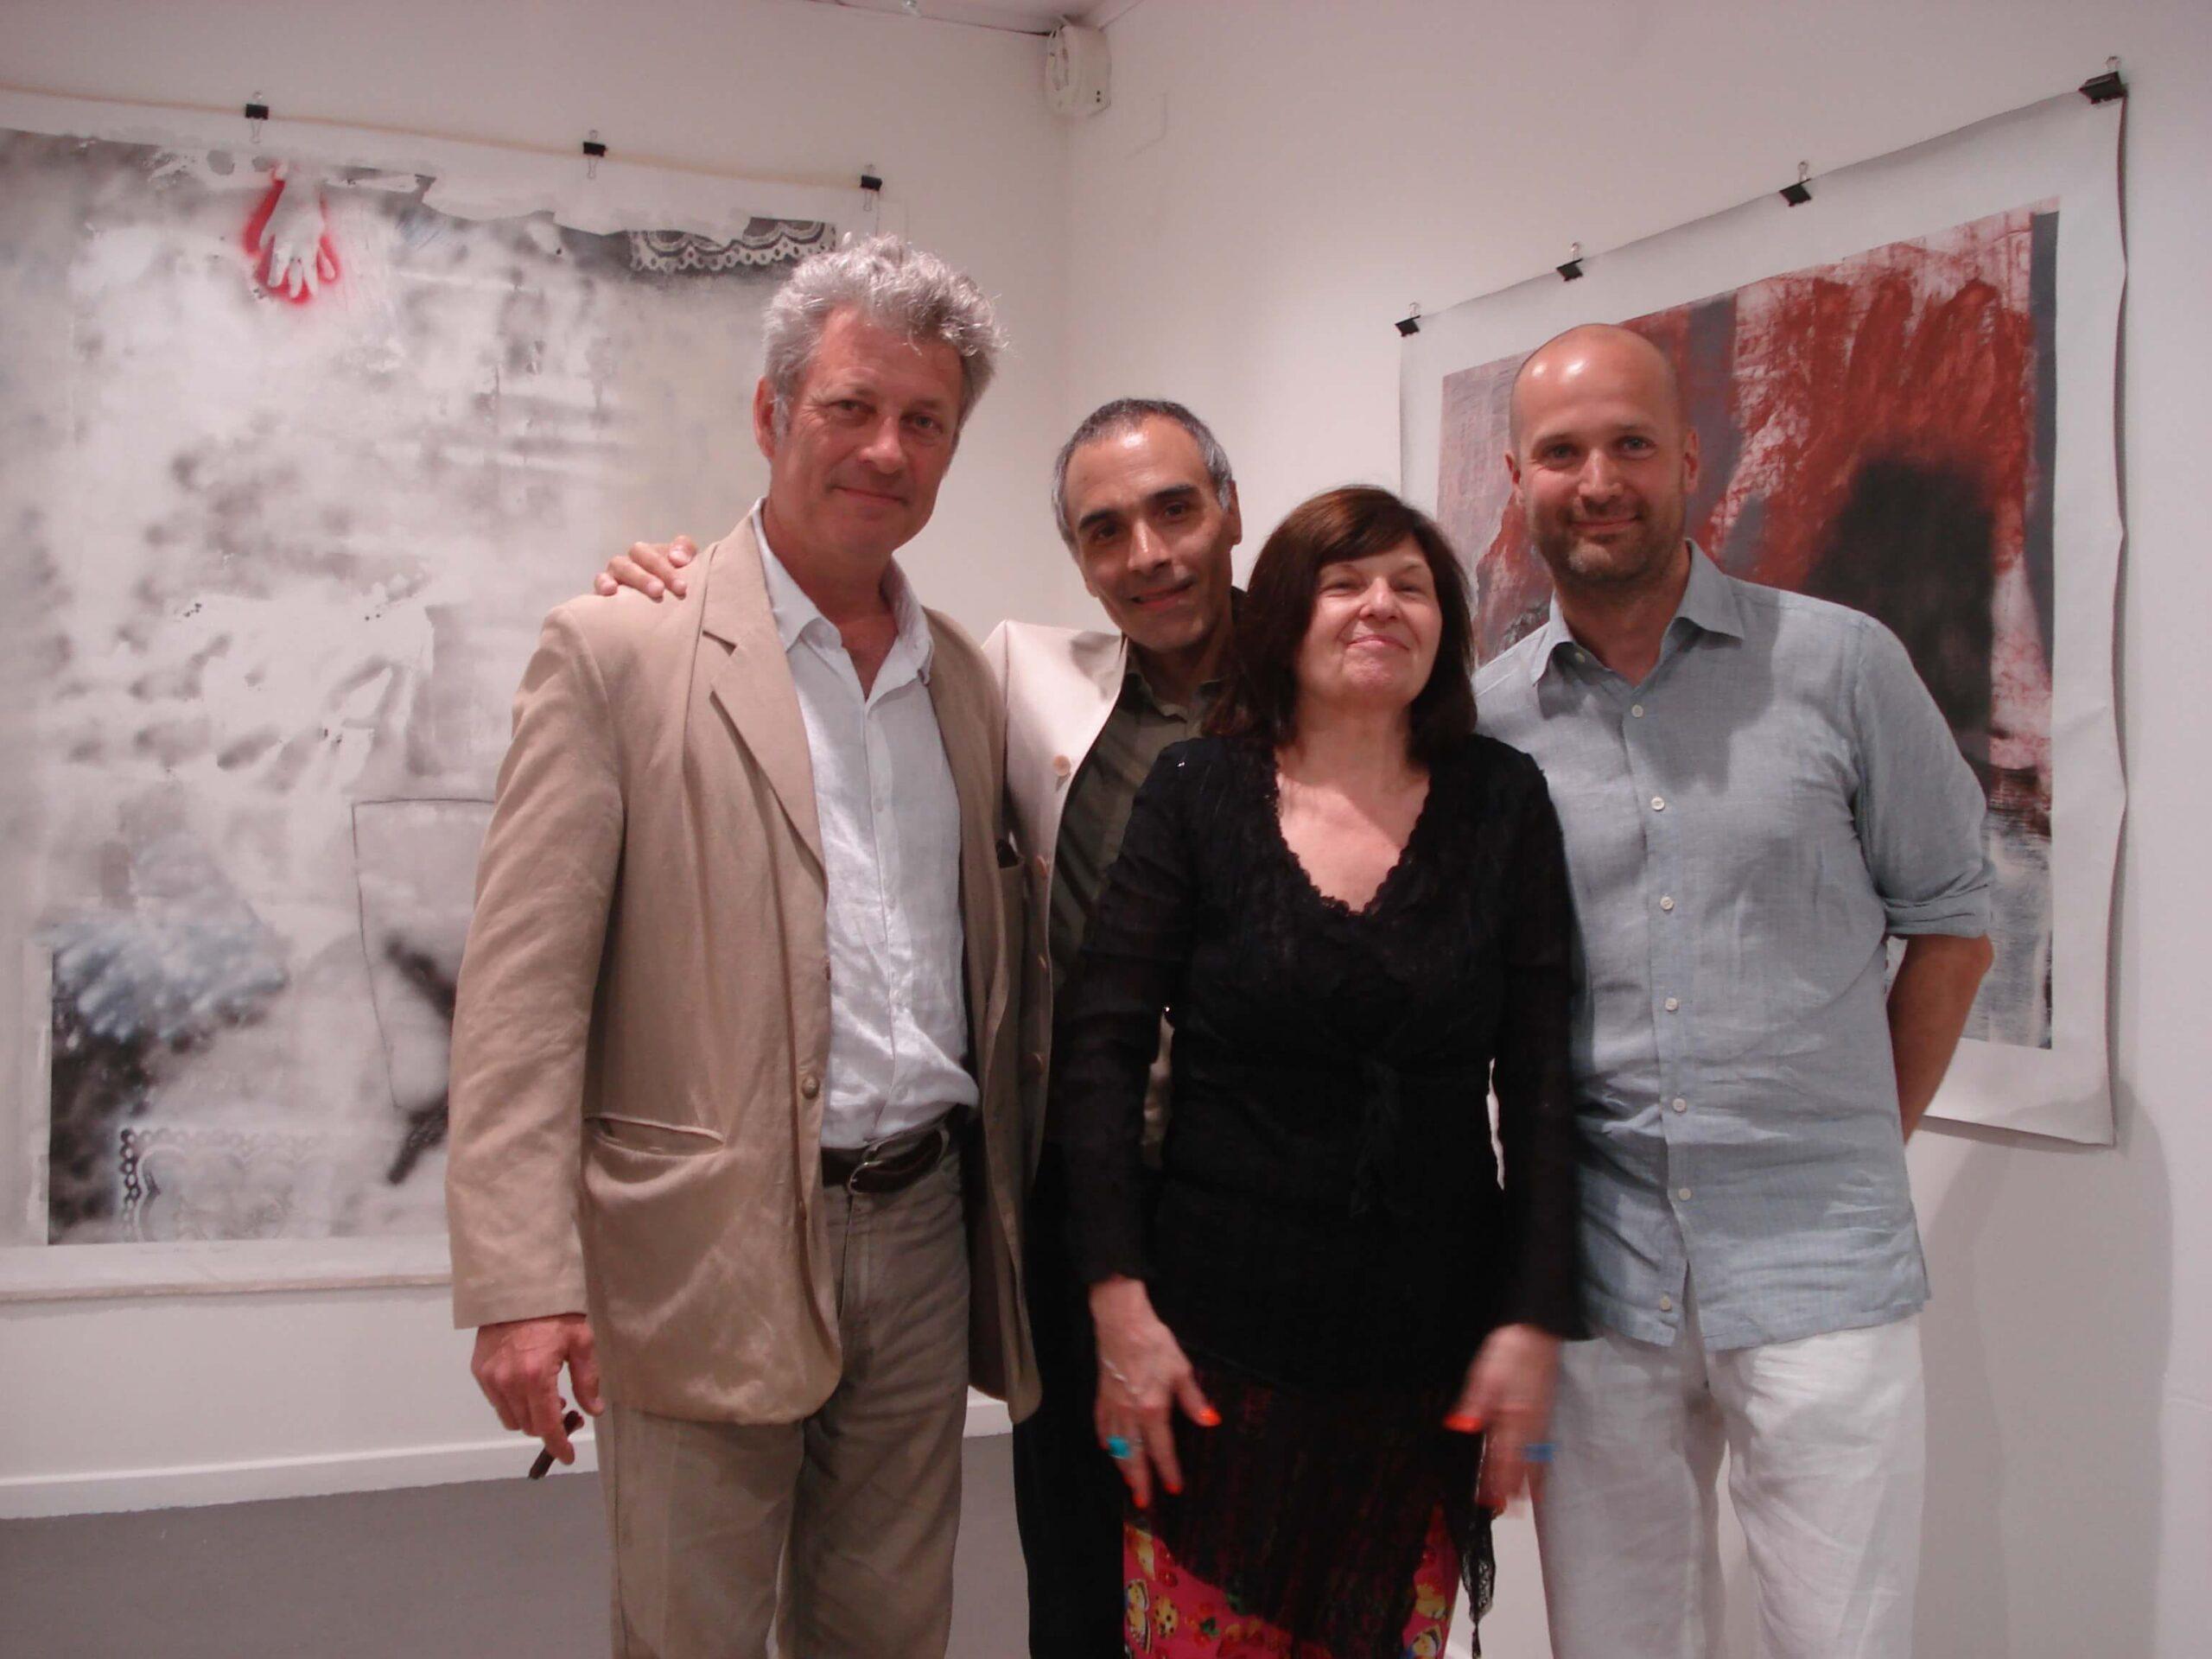 la artista Dorothée Selz, el artista Luc Gauthier, Jean-François Pascal, director de la galería Paradis, y Alexis Yebra